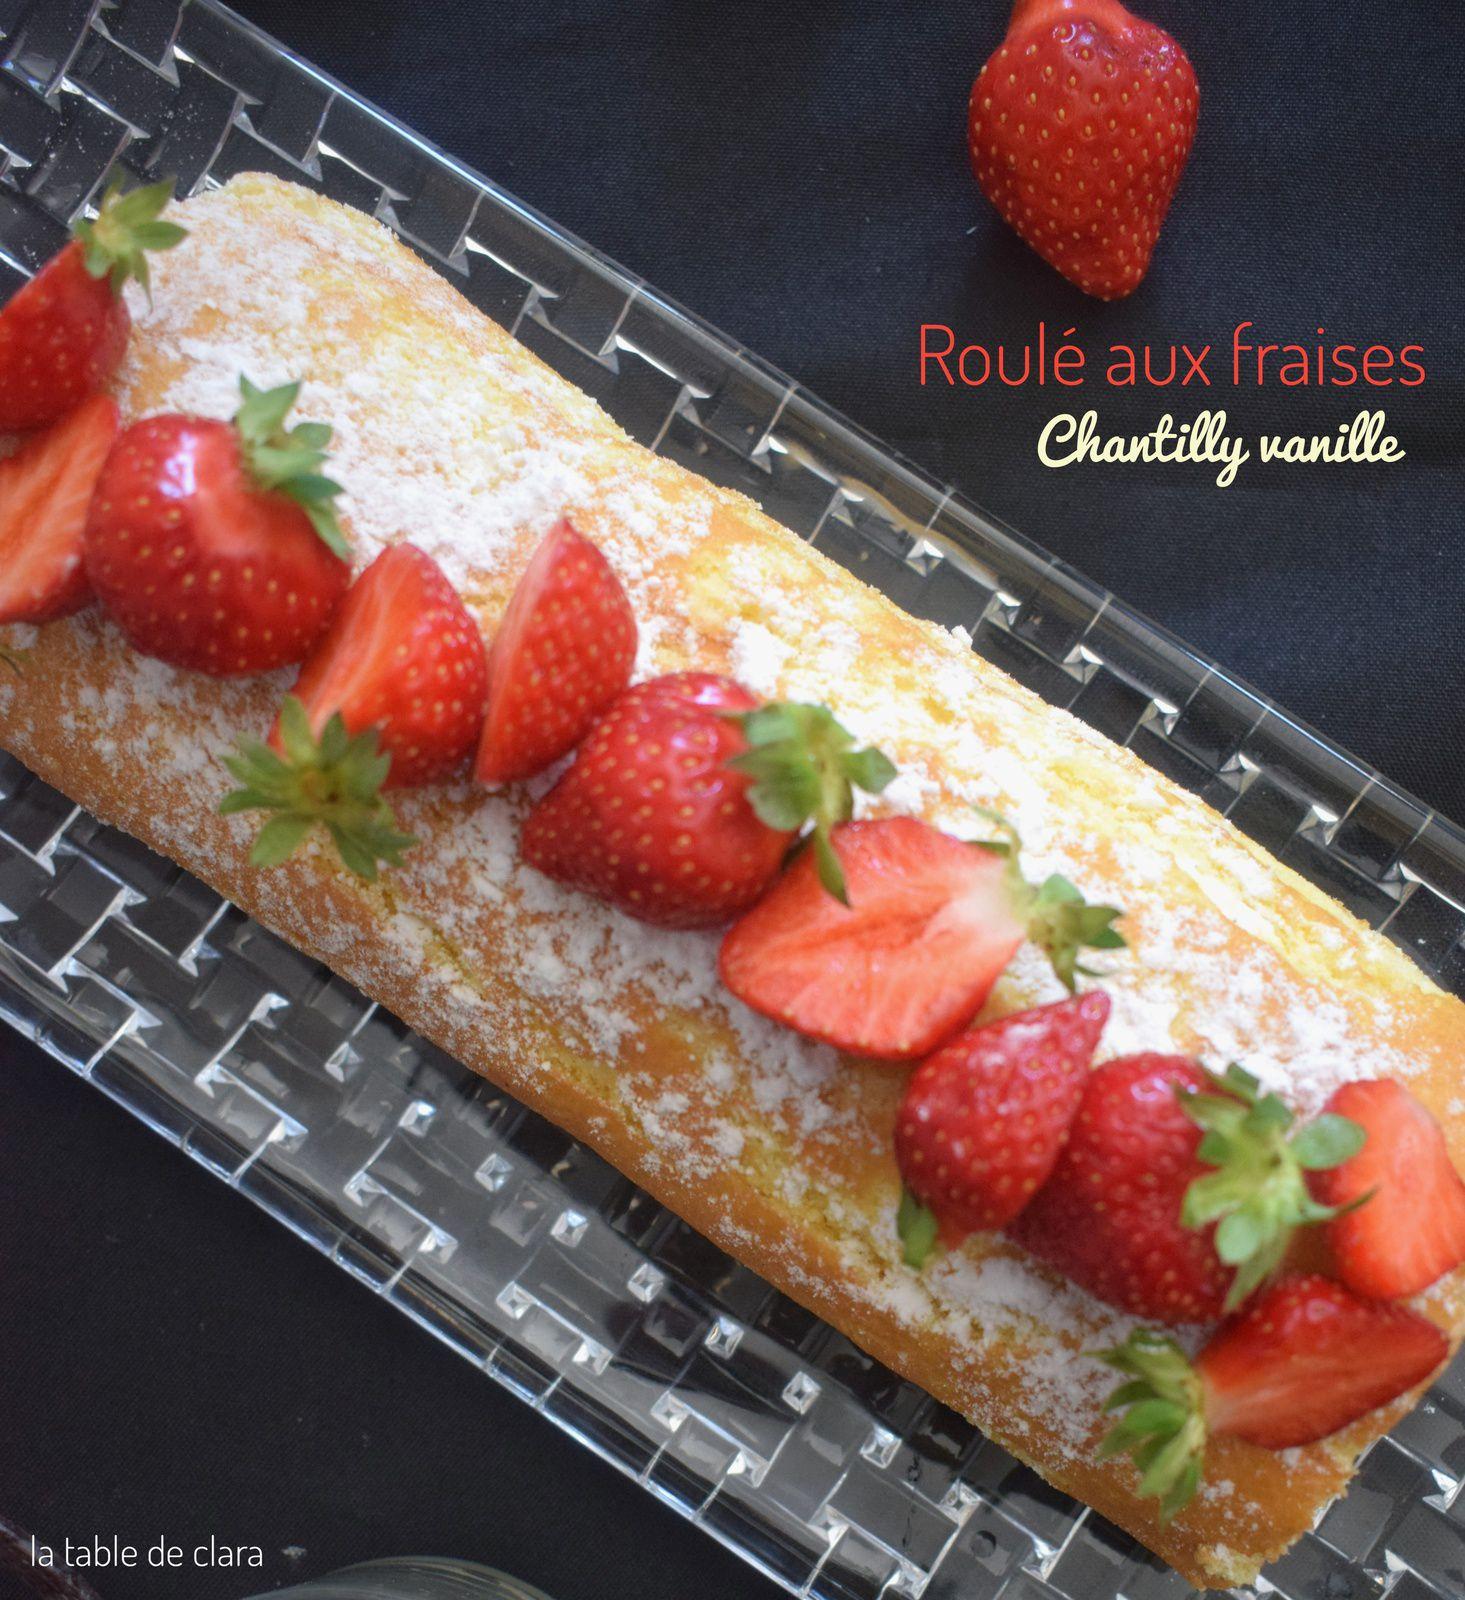 Roulé aux fraises et chantilly vanille